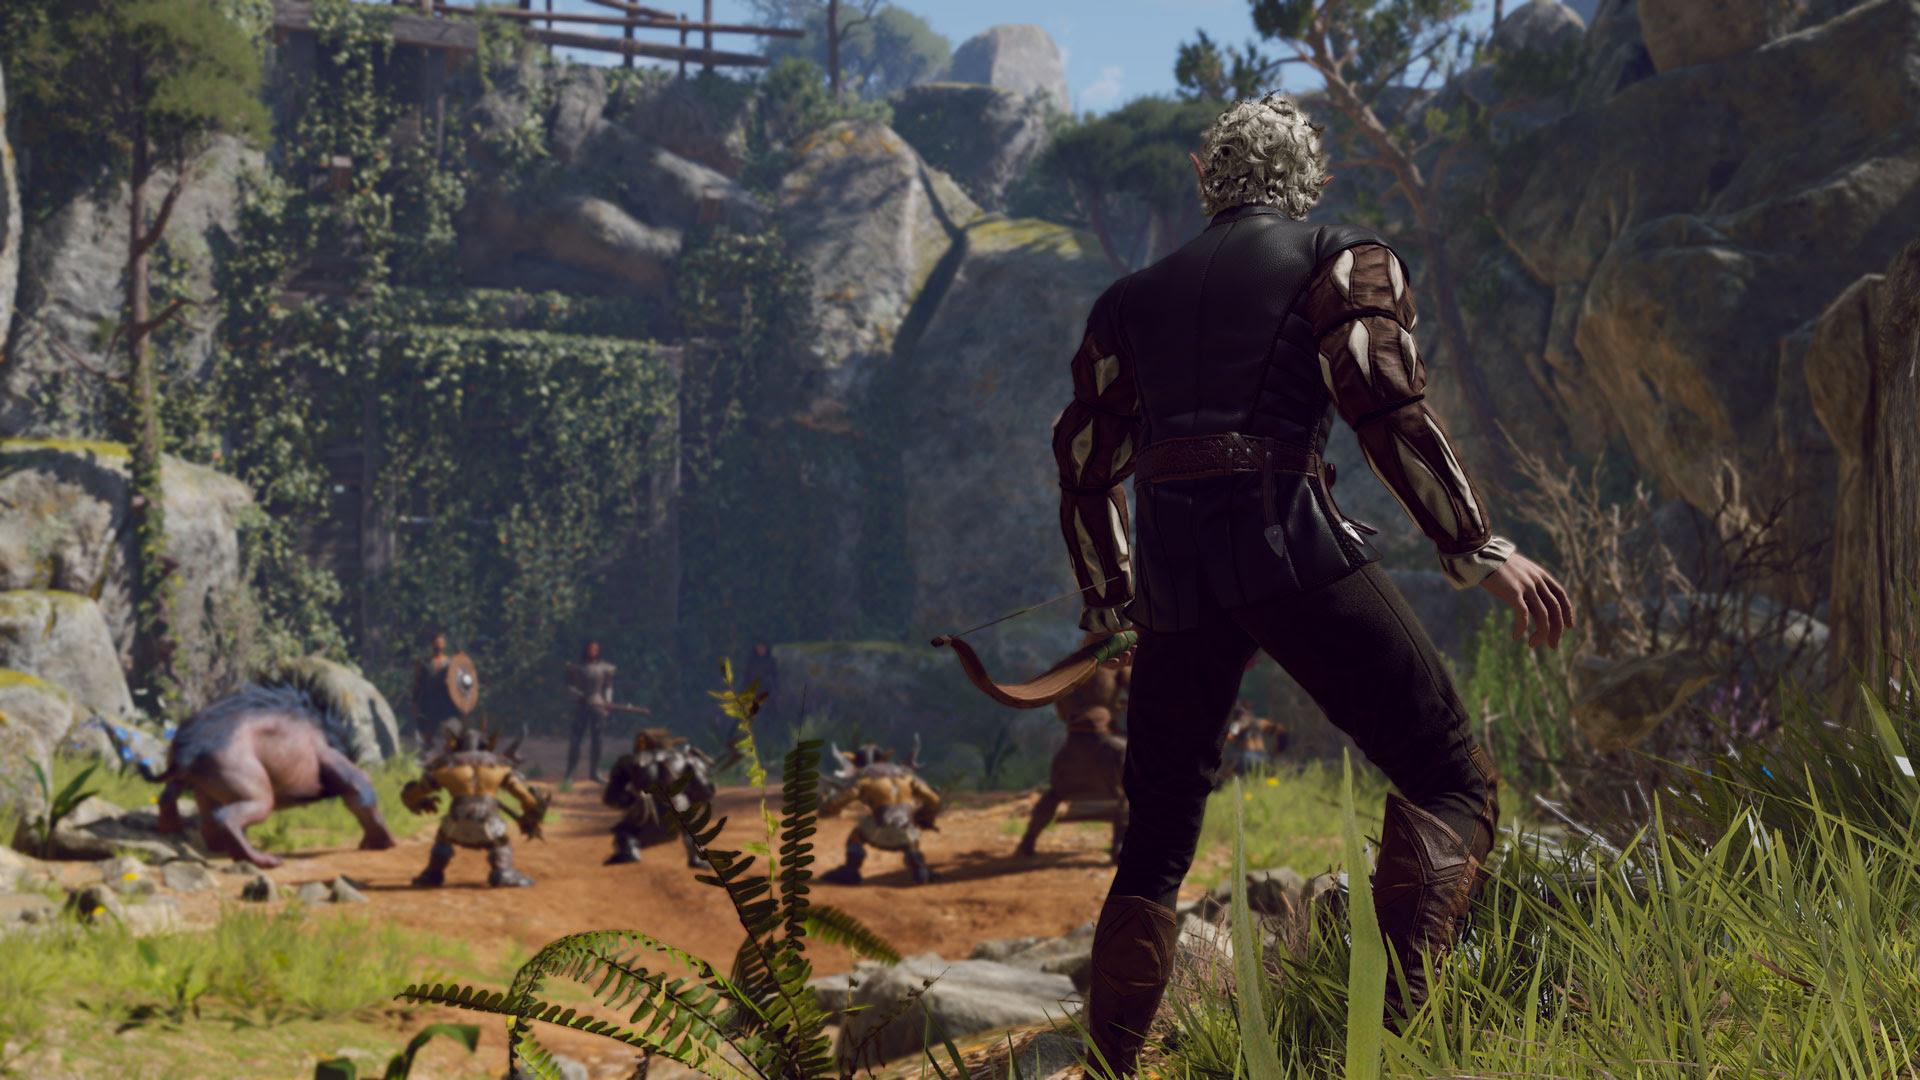 Baldur S Gate 3 Release Date Trailer Gameplay And News Den Of Geek